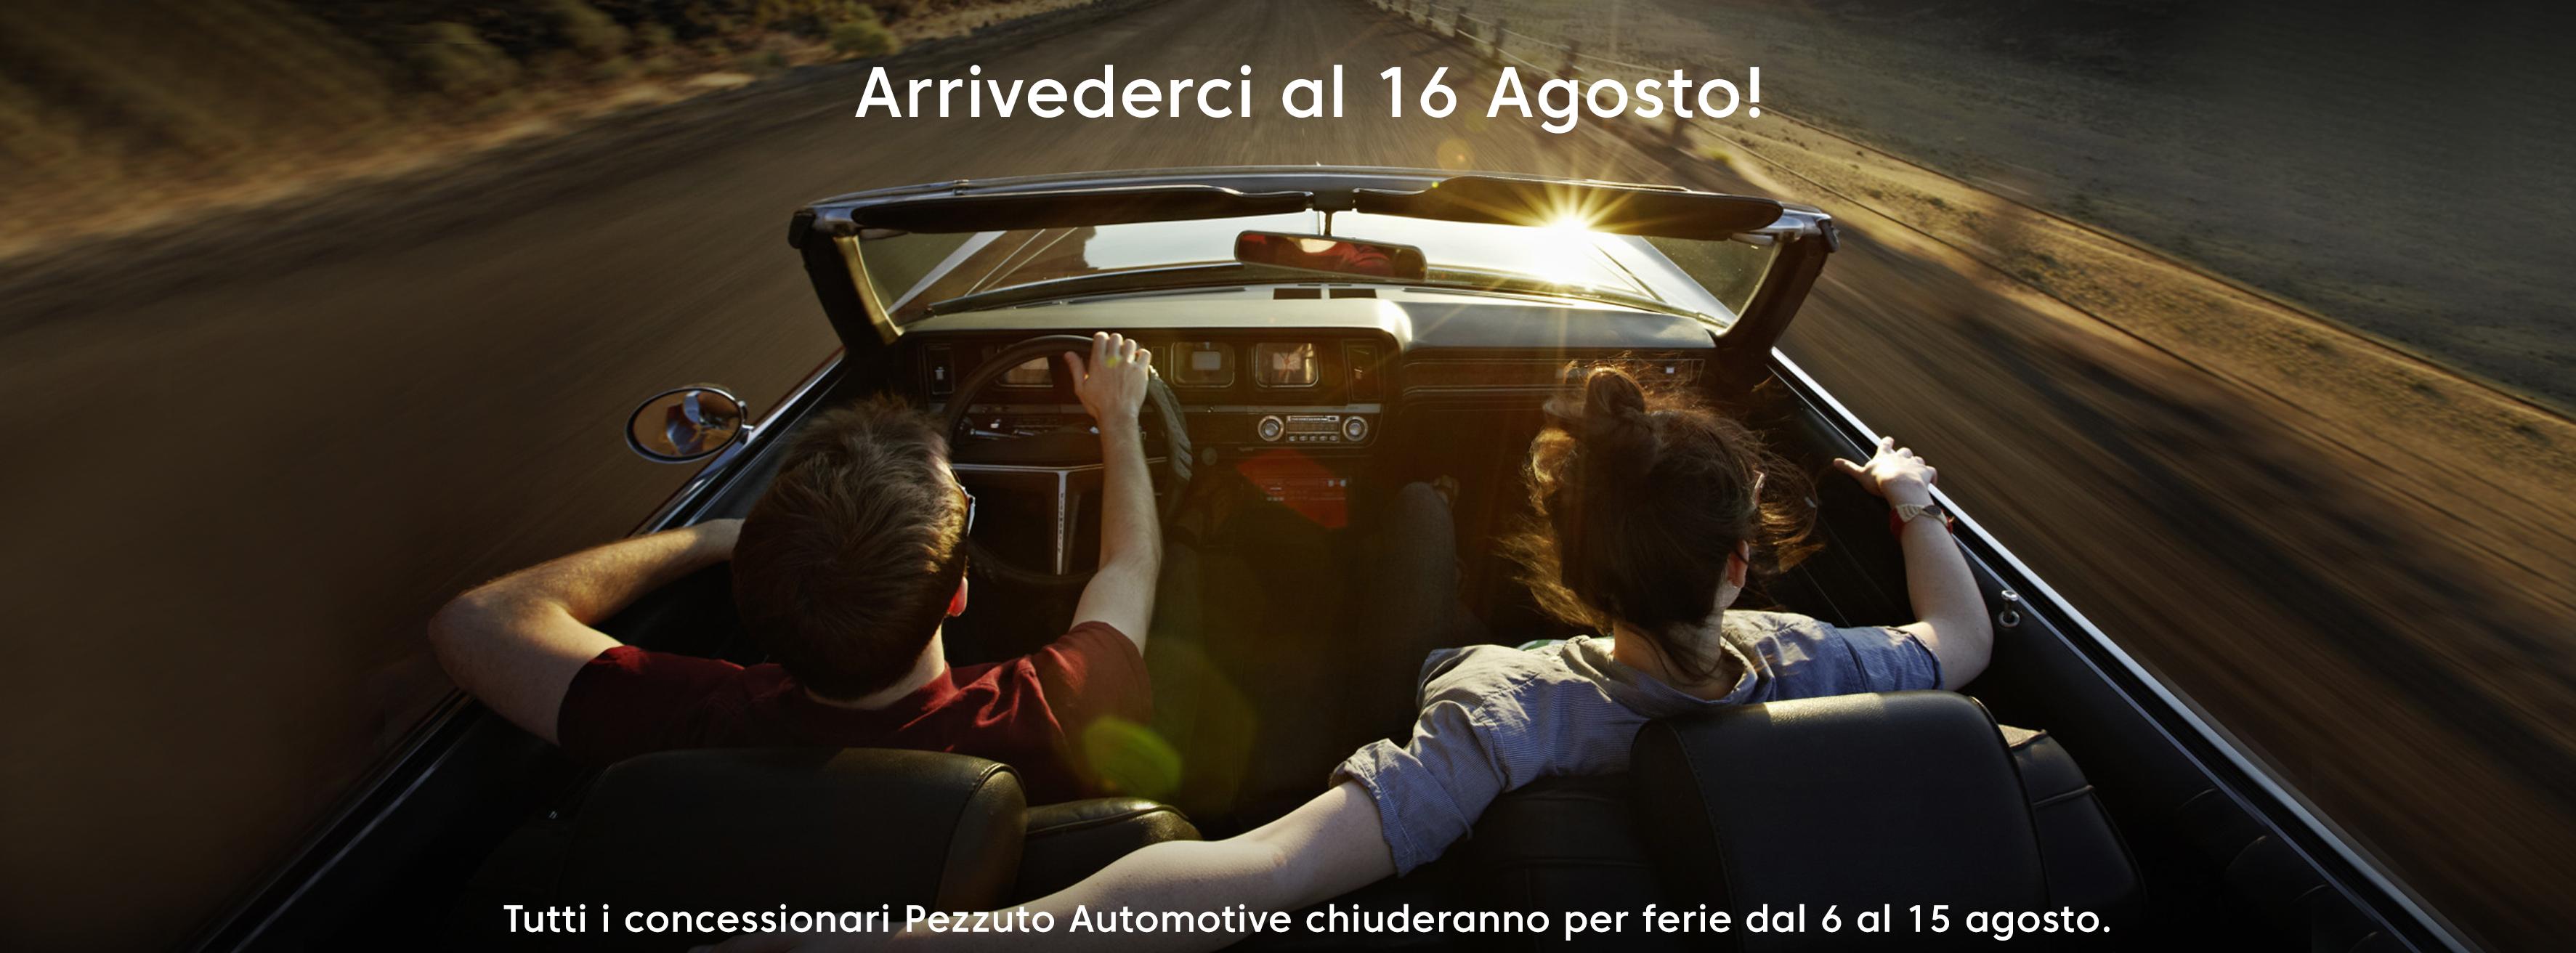 Pezzuto Automotive Agosto Ferie